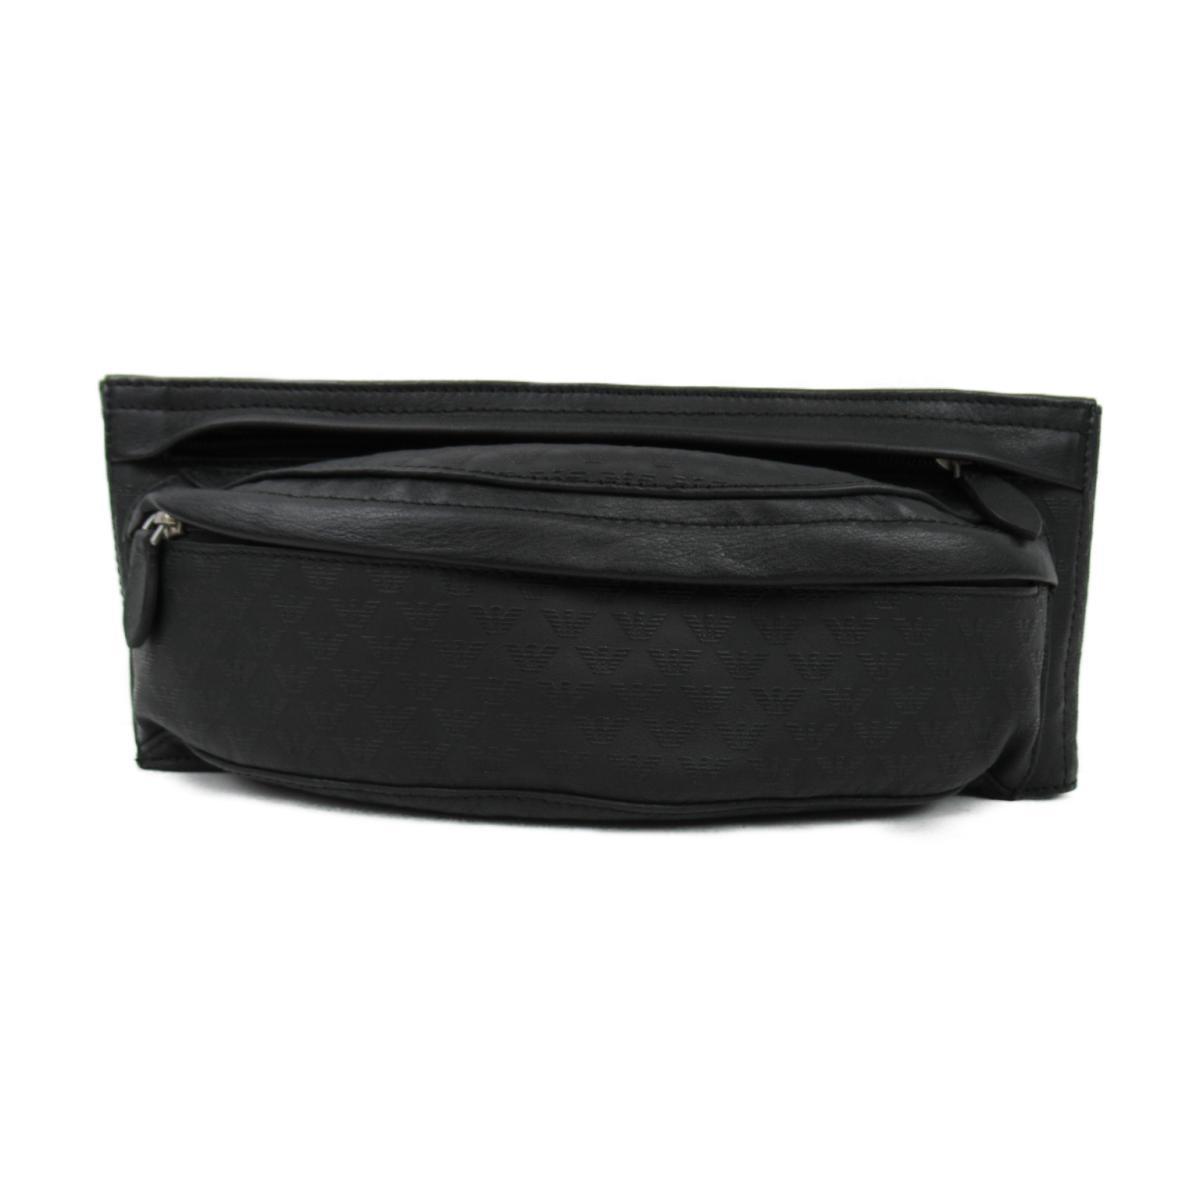 【中古】 エンポリオアルマーニ レザー ウエストバッグ メンズ ブラック | EMPORIO ARMANI BRANDOFF ブランドオフ レディース ブランド ブランドバッグ バッグ バック ショルダーバッグバック 肩掛け